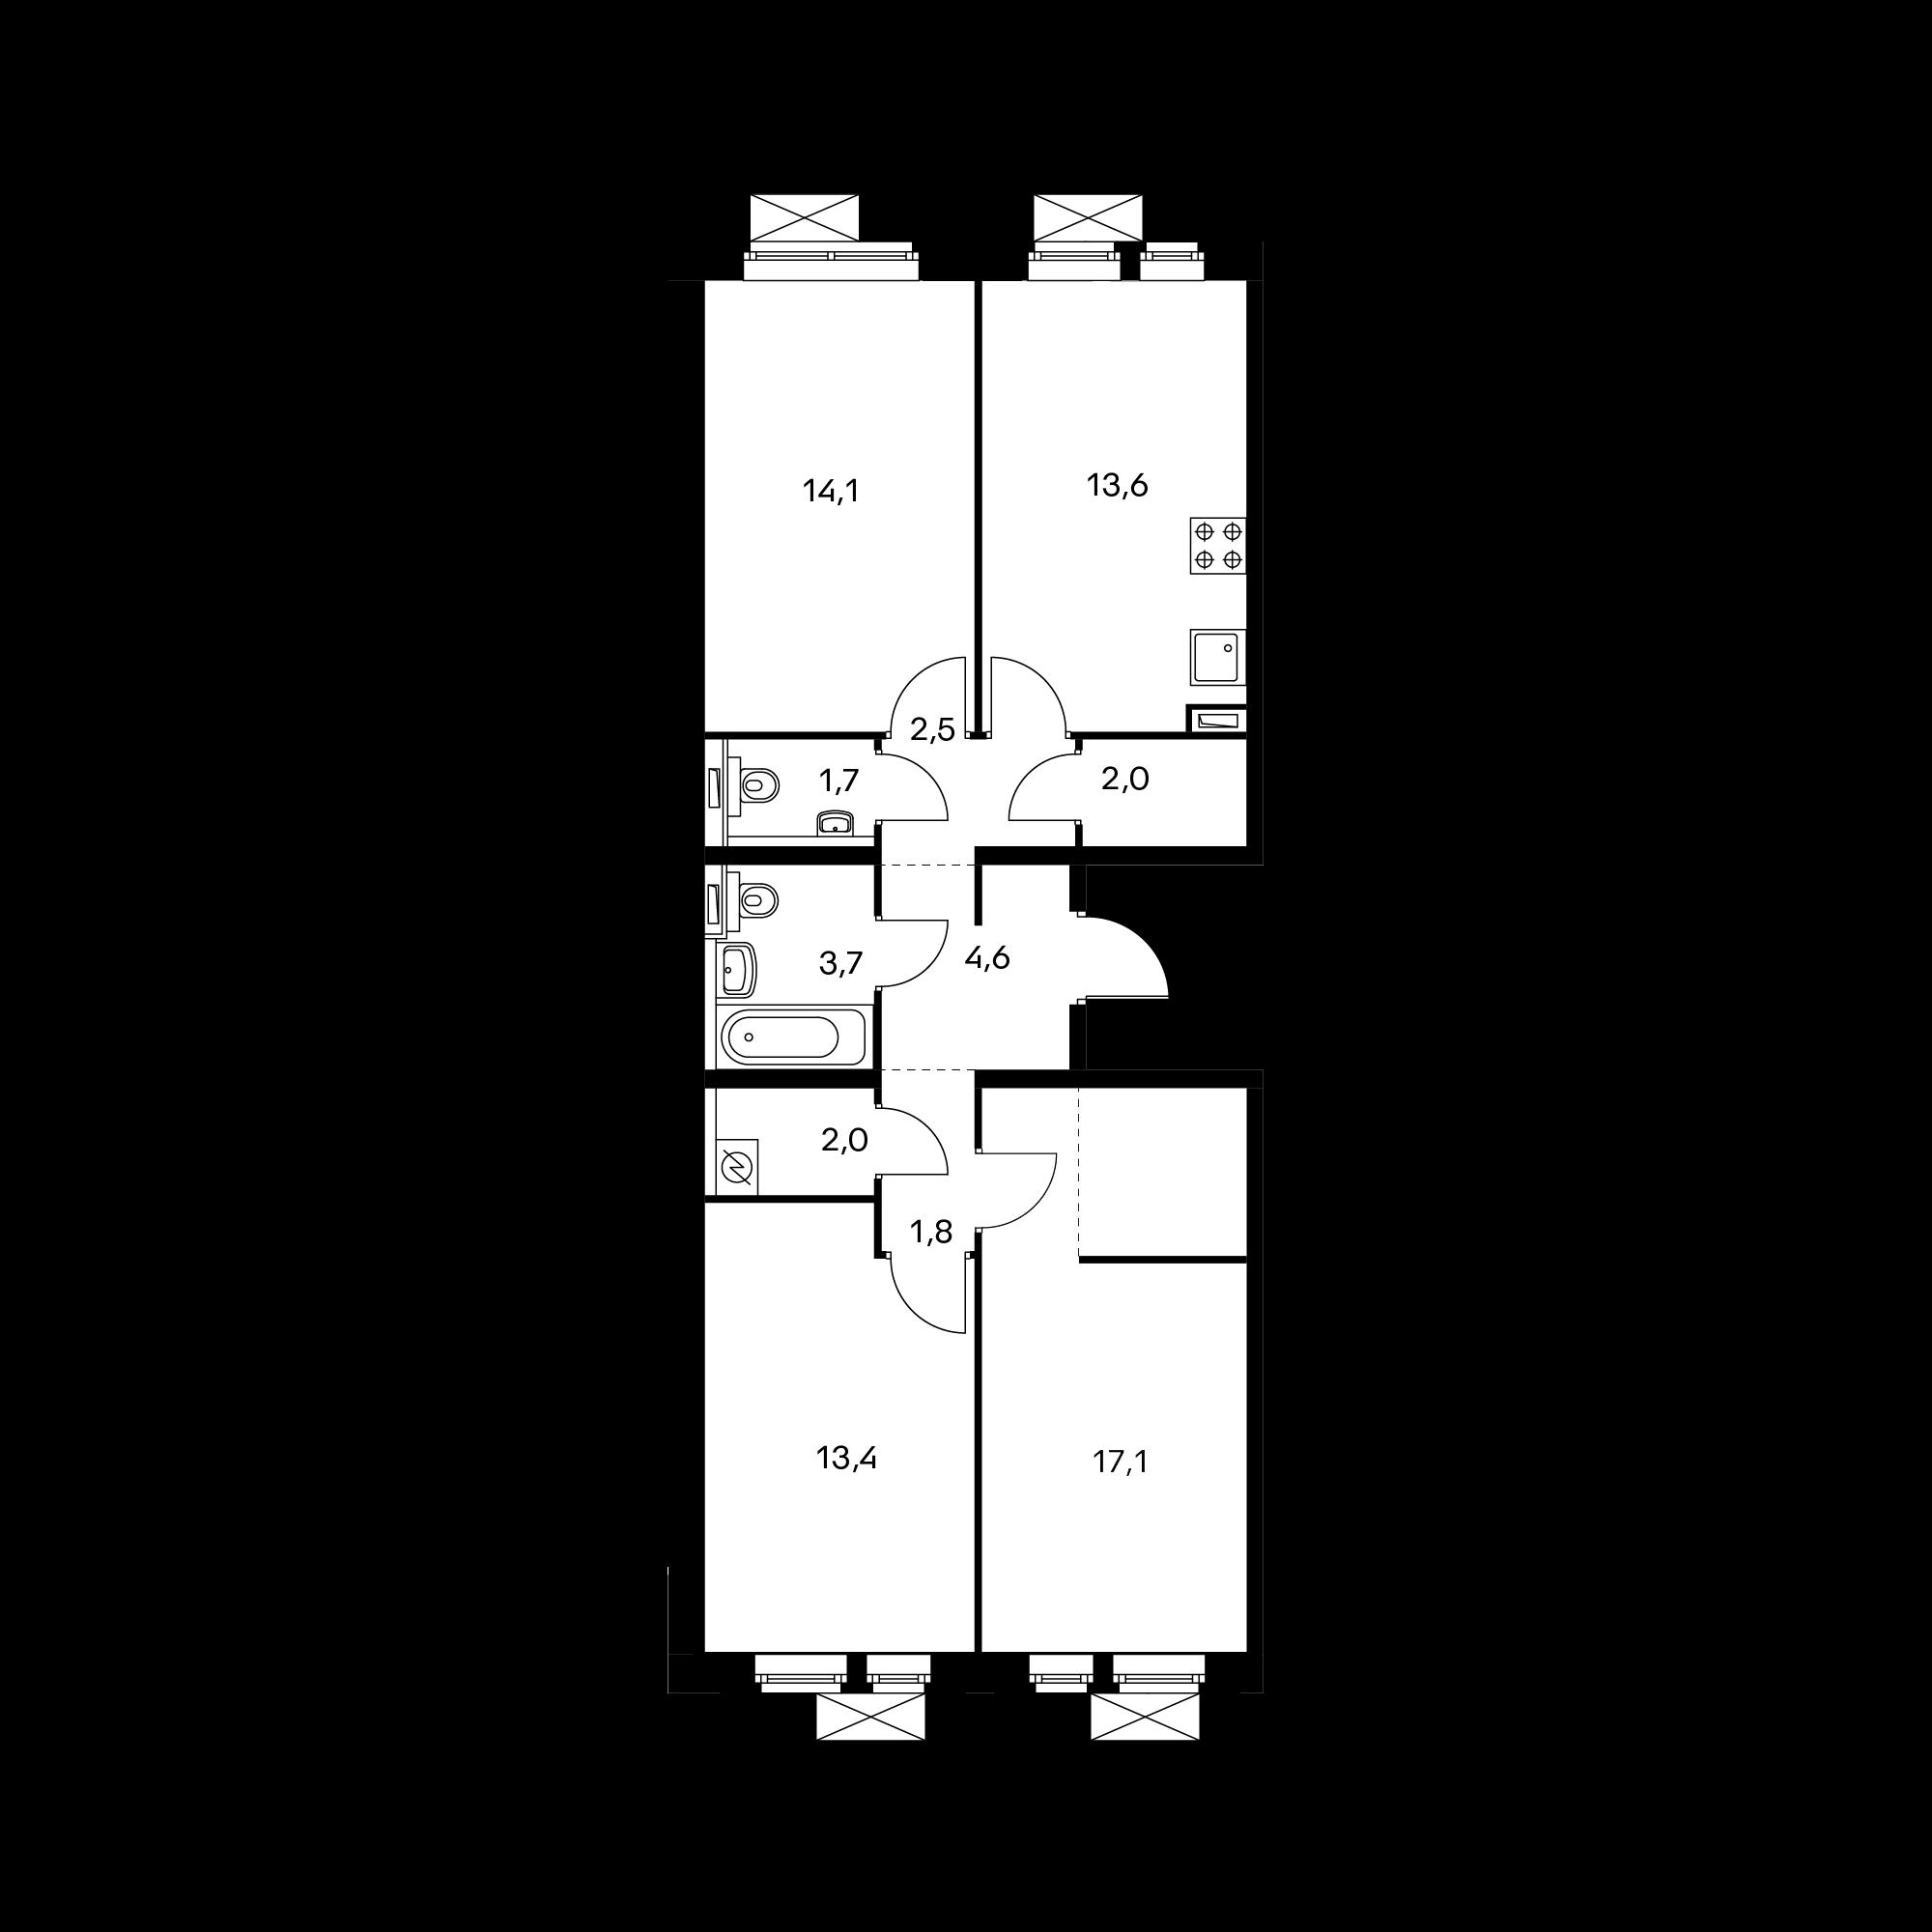 3KM15_6.0-1_S_A1